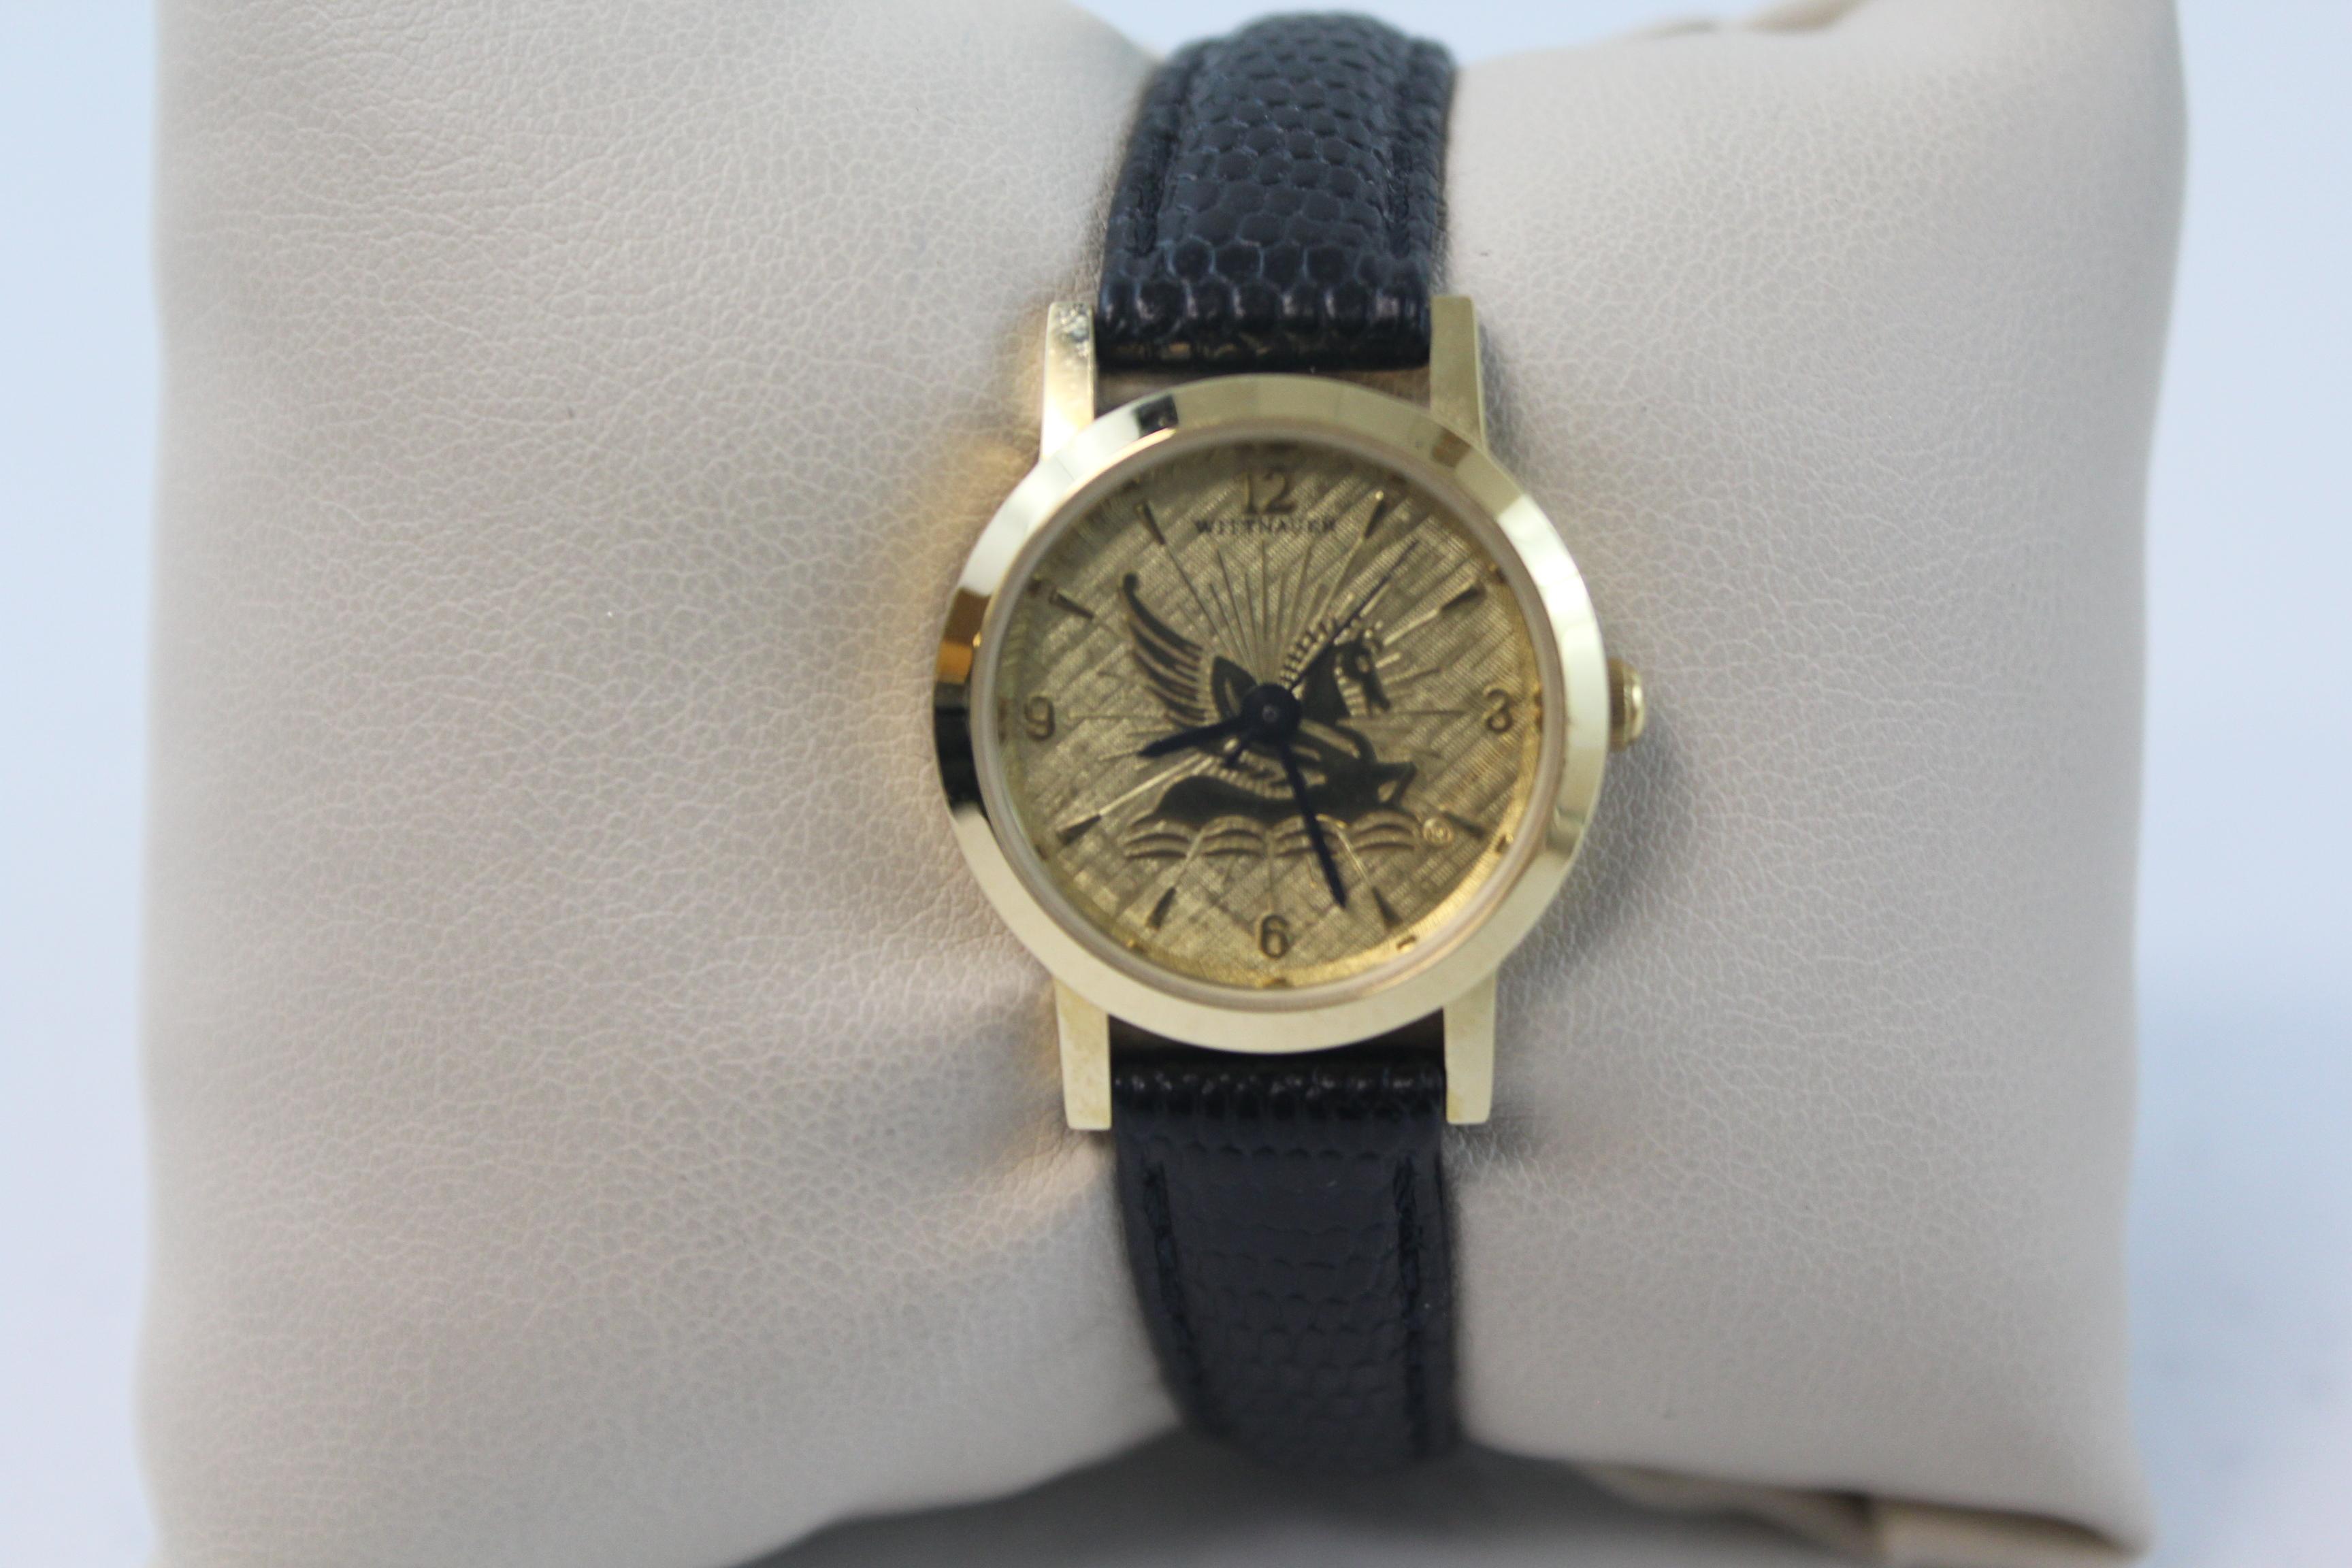 Whittnauer Pegasus Watch